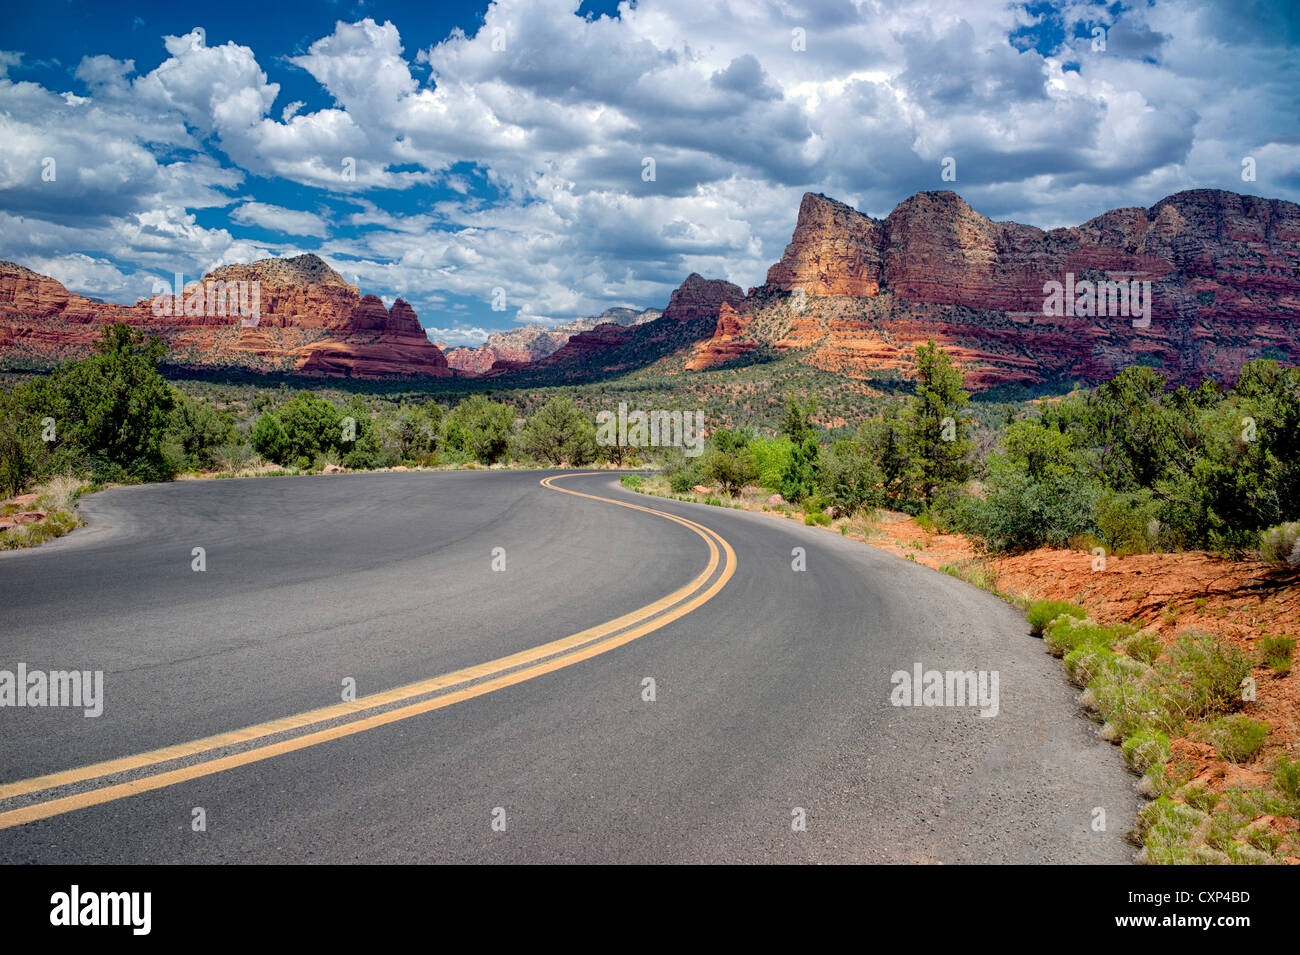 Road with clouds. Sedona, Arizona - Stock Image